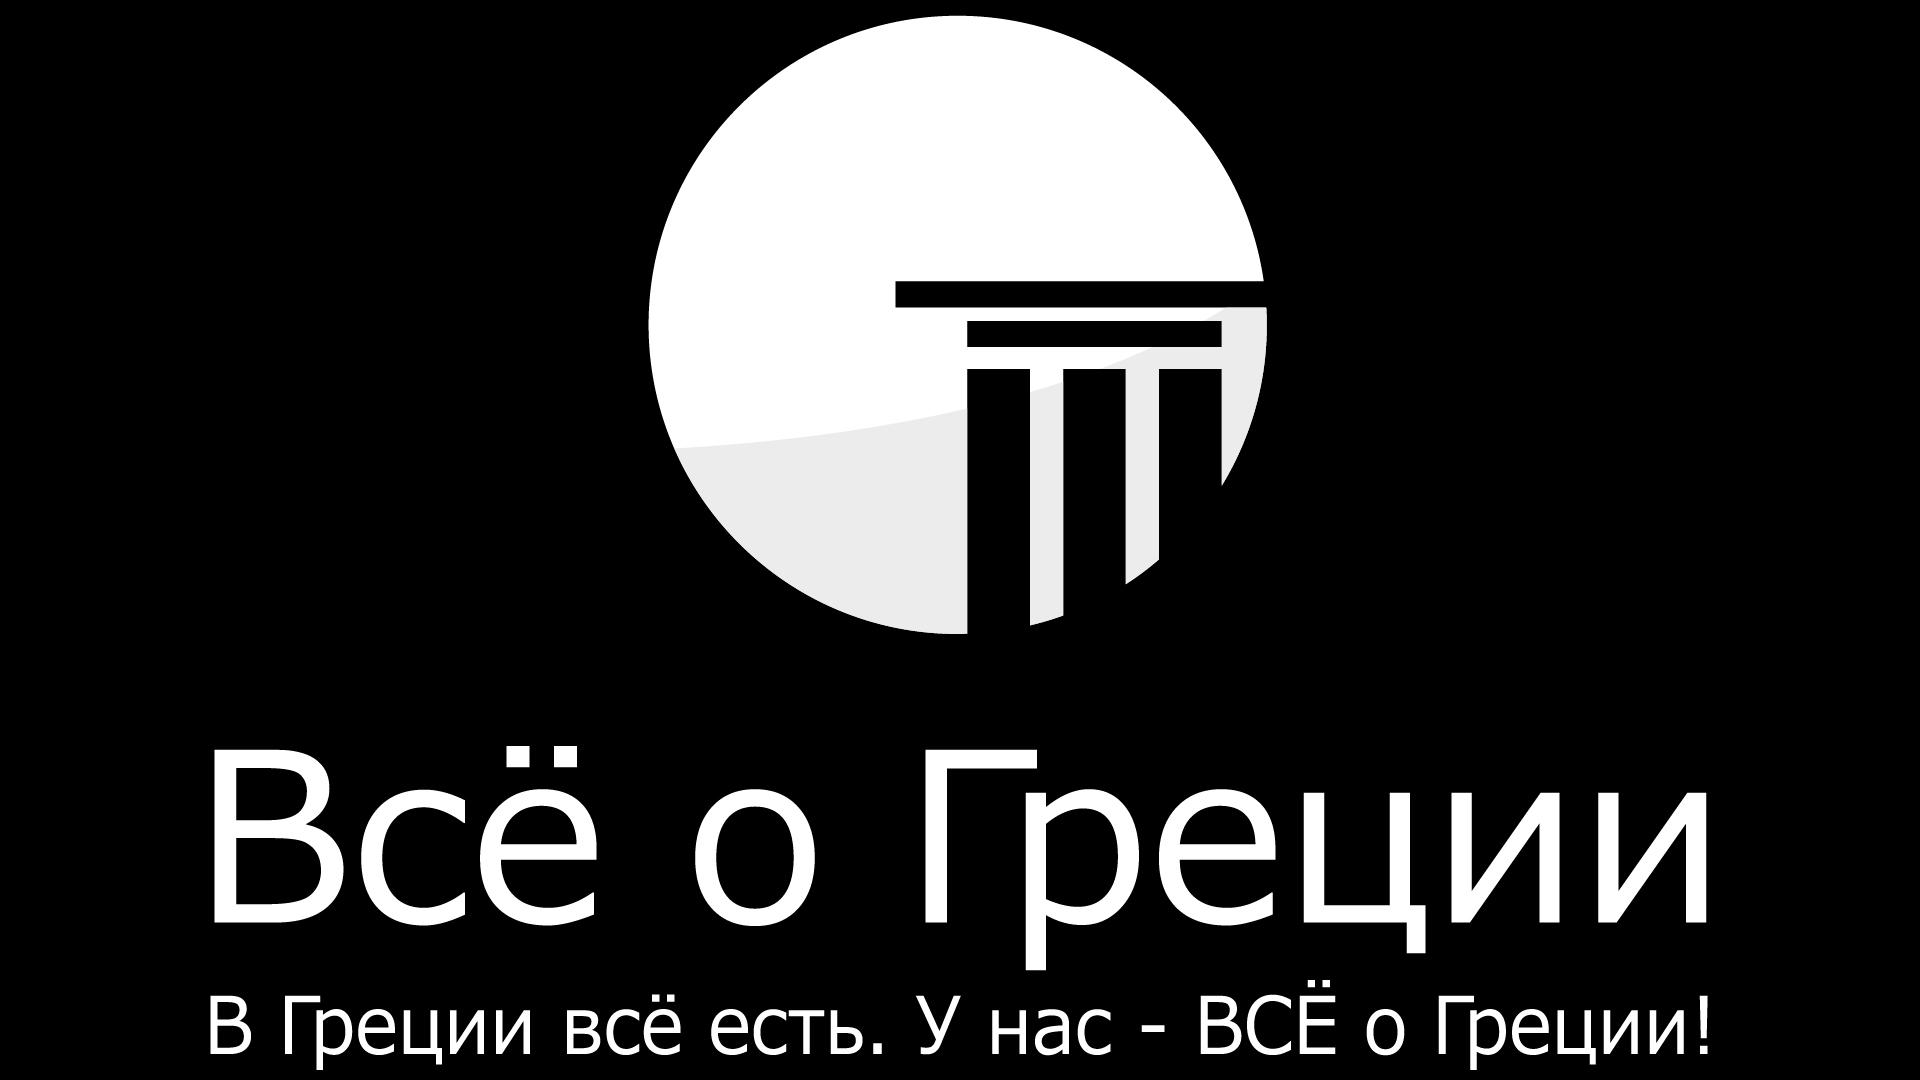 Οι Ρώσοι γνωρίζουν την Ελλάδα on line